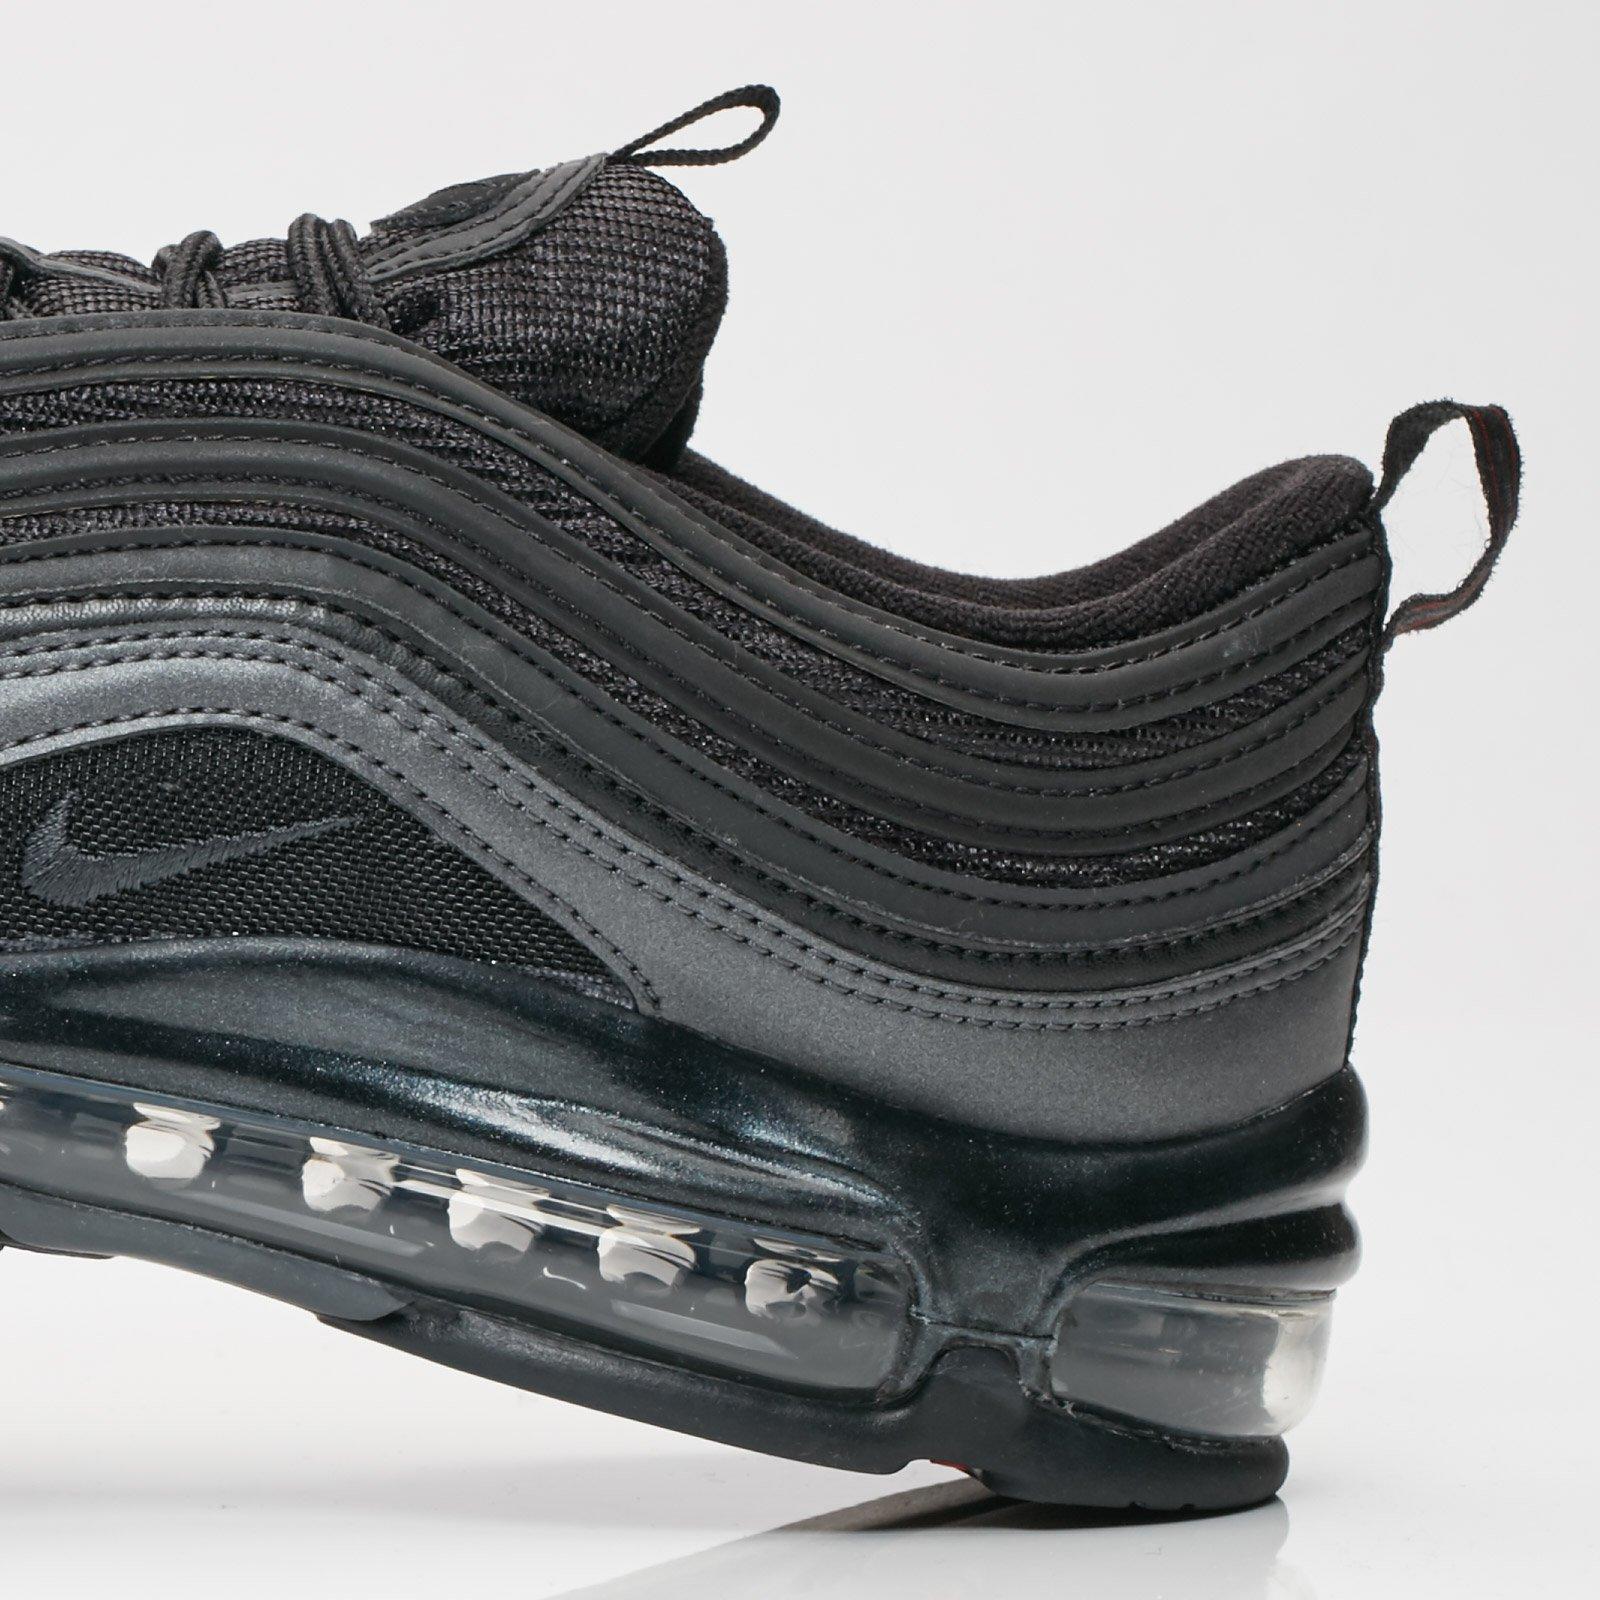 cc1feafe93 Nike Air Max 97 - 921826-005 - Sneakersnstuff | sneakers ...